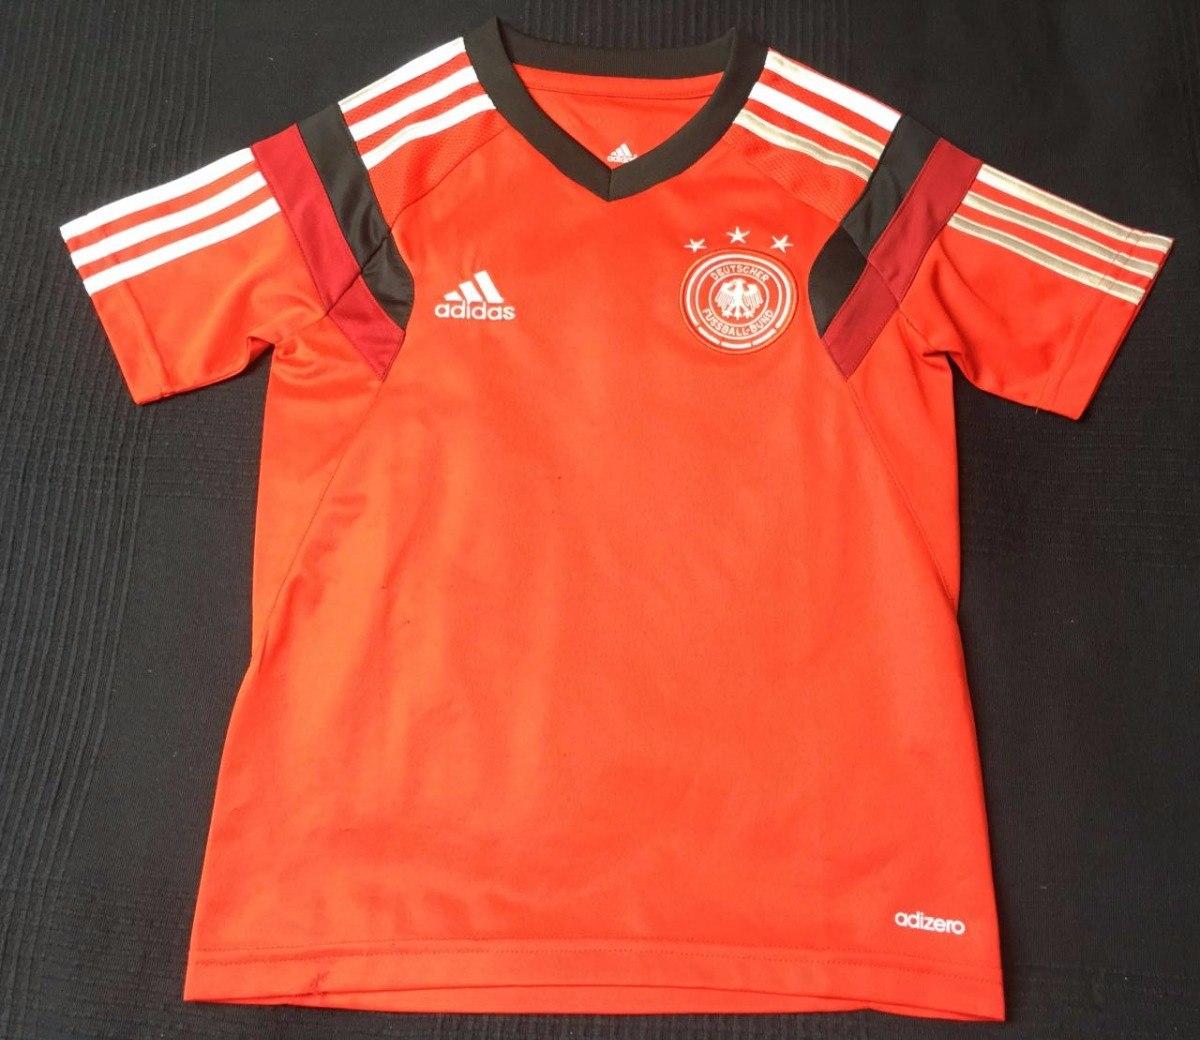 Carregando zoom... seleção alemanha camisa. Carregando zoom... camisa  seleção alemanha treino 2014 infantil tam 8 (49x35) d298f3dea91db